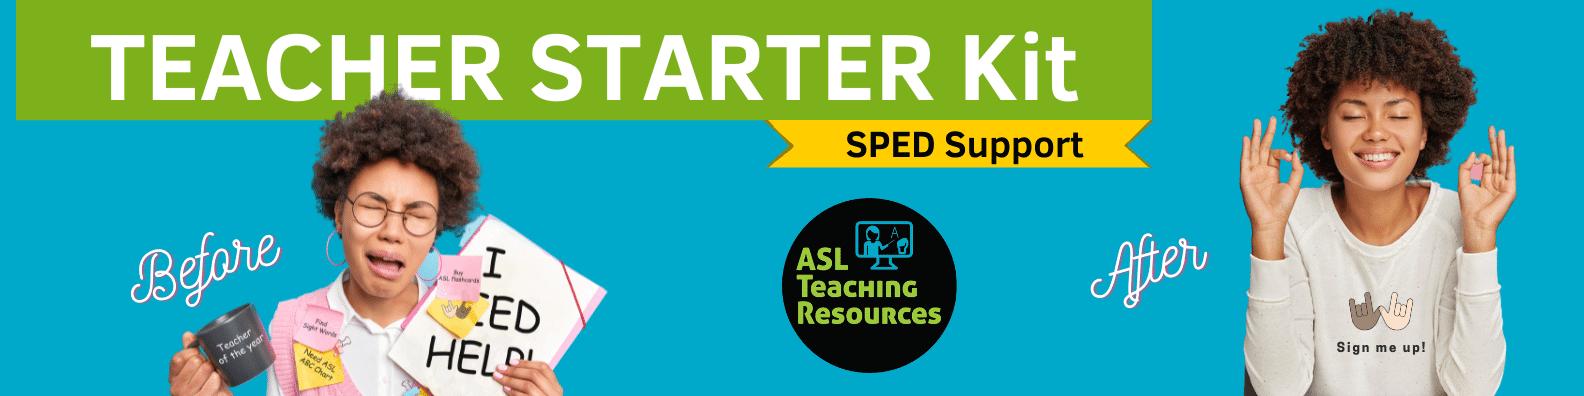 SPED Teacher Starter Kit image